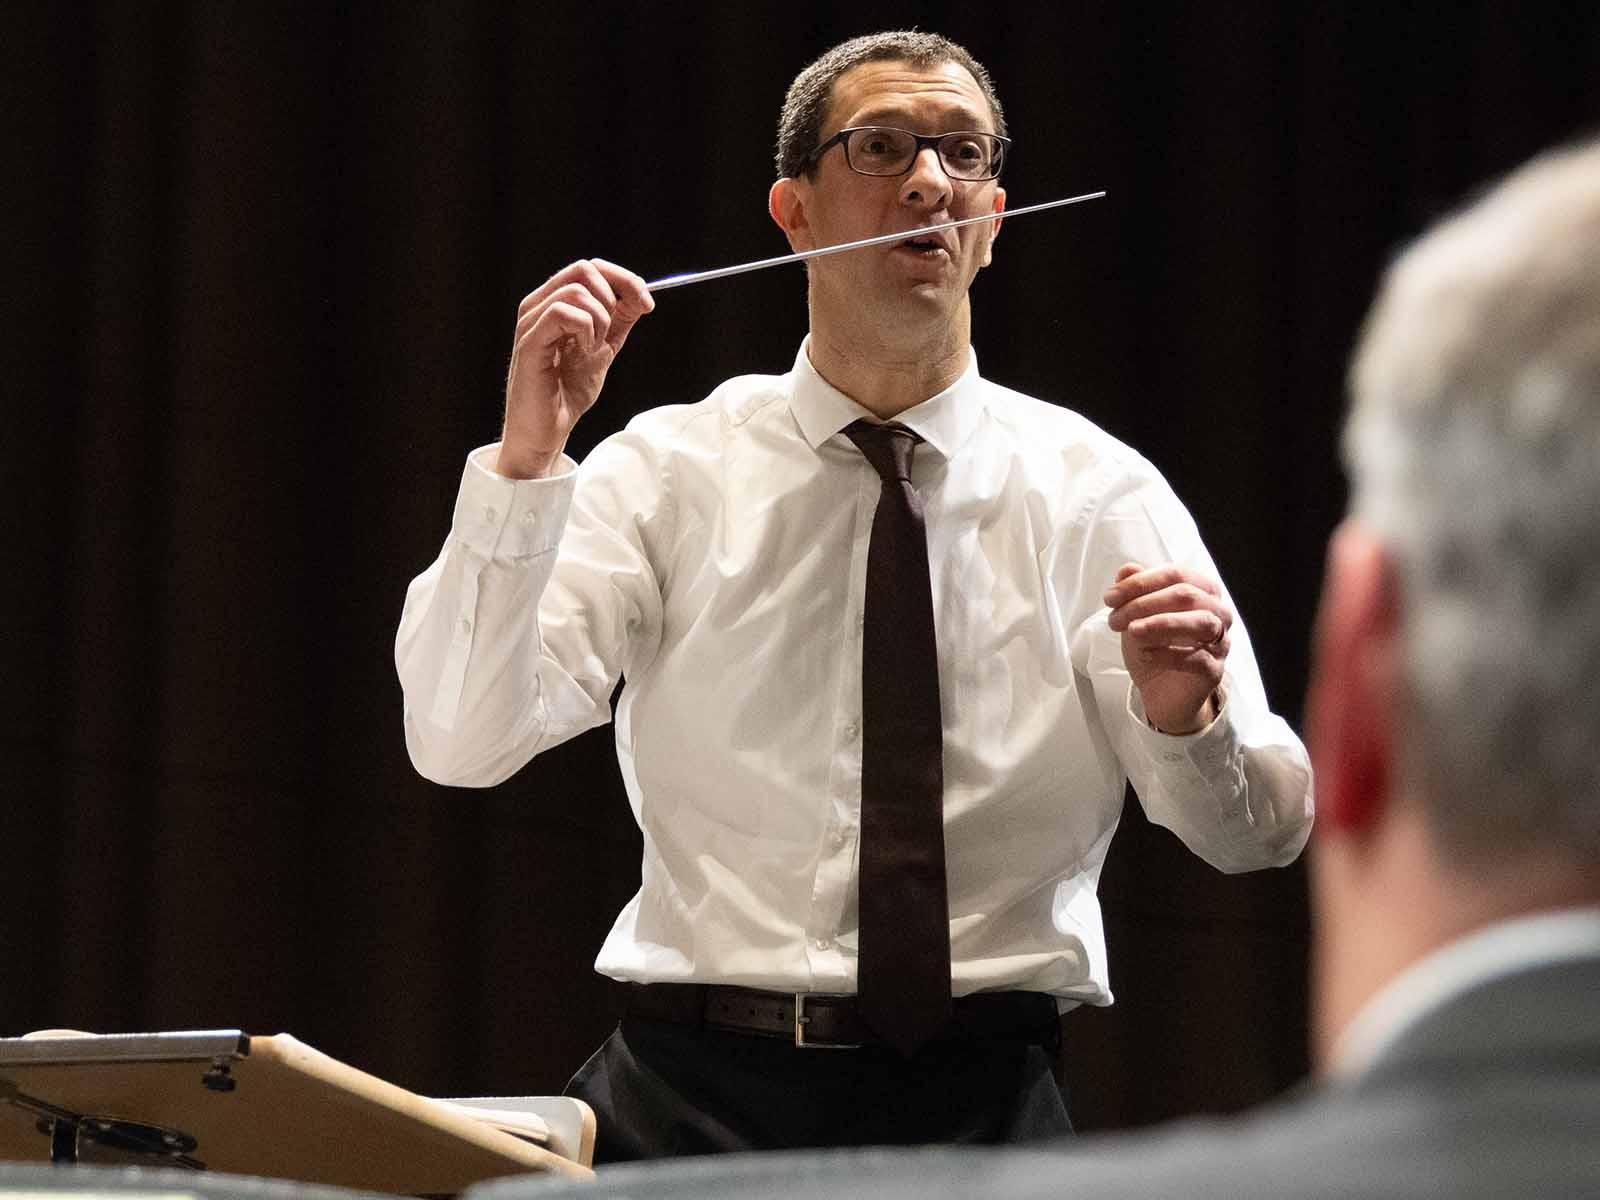 Dirigent Bernhard Meier gibt vollen Körpereinsatz.